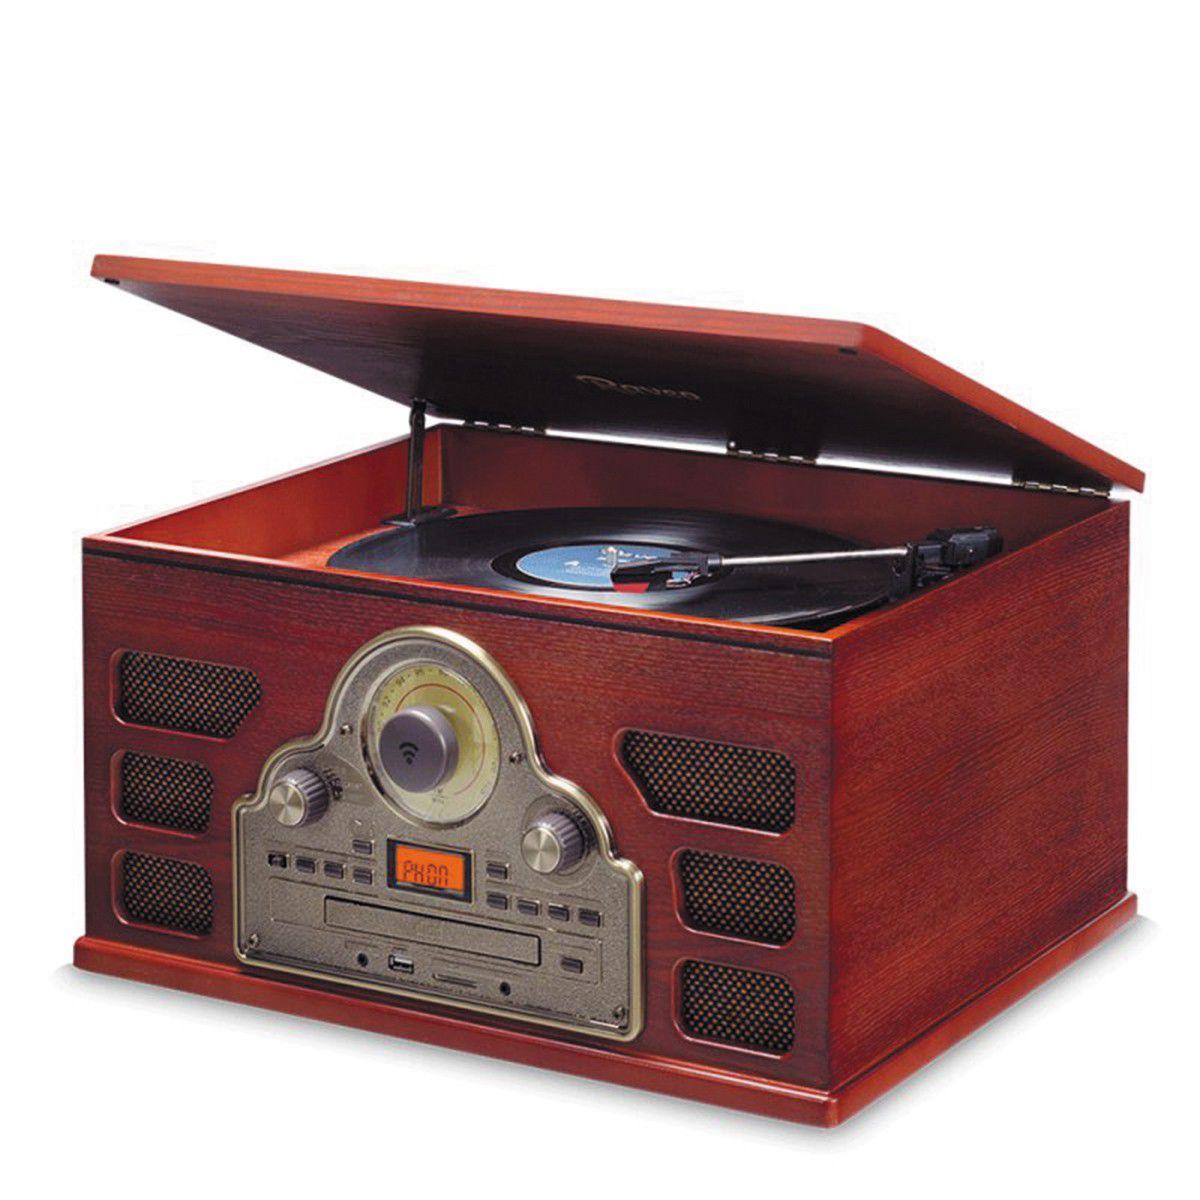 Vitrola Raveo Tenor C/ Toca Discos, Cd, Rádio Fm, USB, SD E Bluetooth C/ Nfc